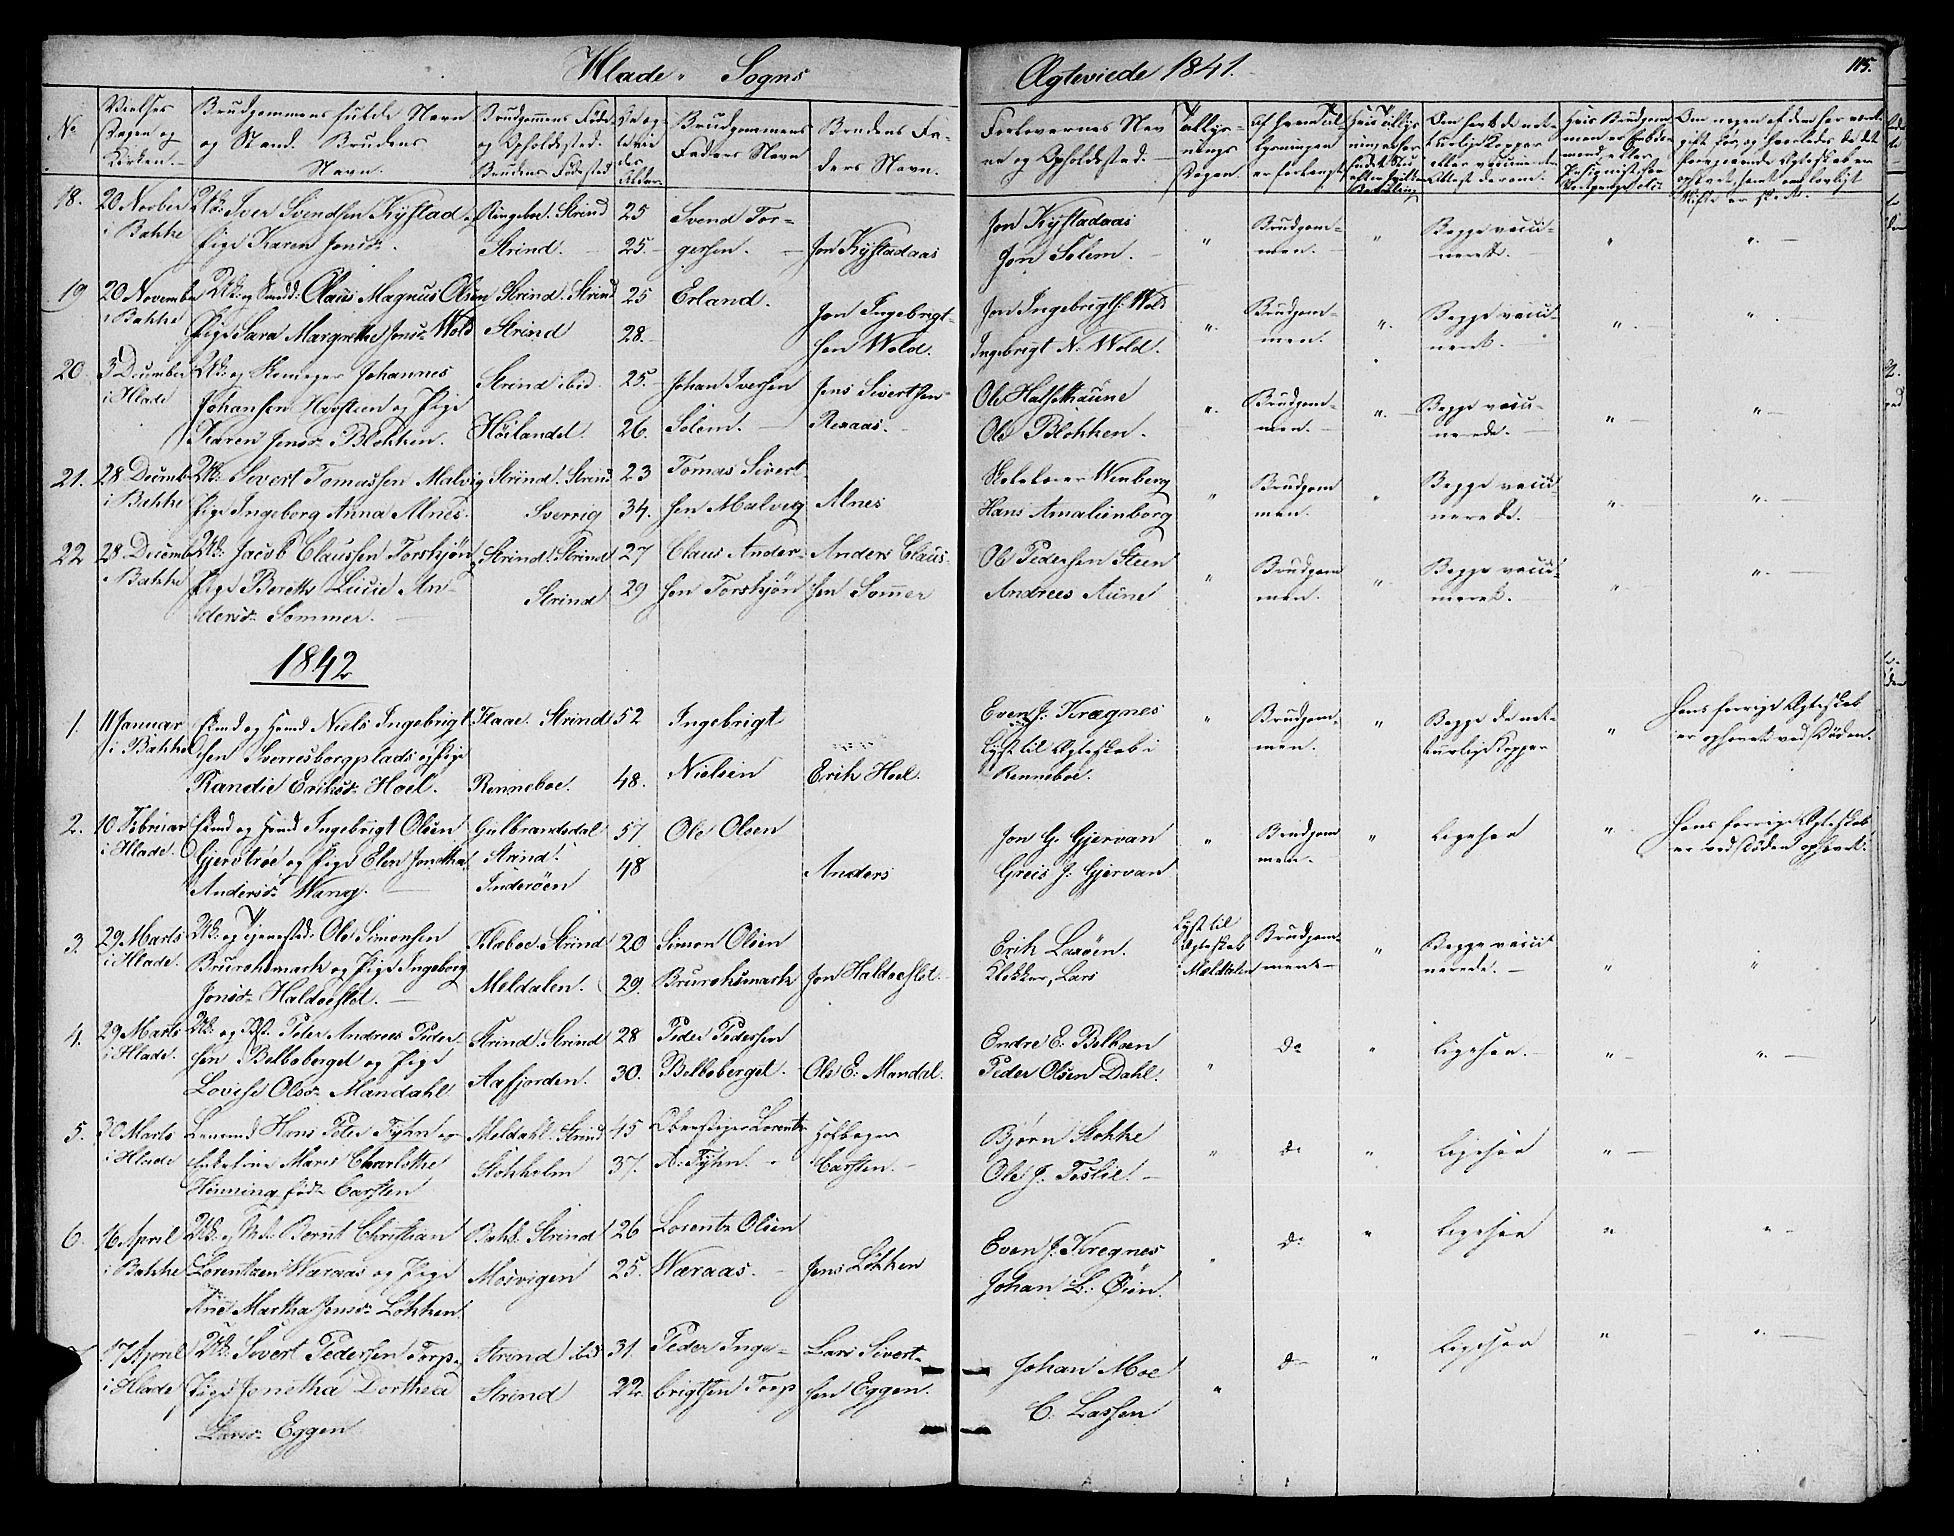 SAT, Ministerialprotokoller, klokkerbøker og fødselsregistre - Sør-Trøndelag, 606/L0309: Klokkerbok nr. 606C05, 1841-1849, s. 115